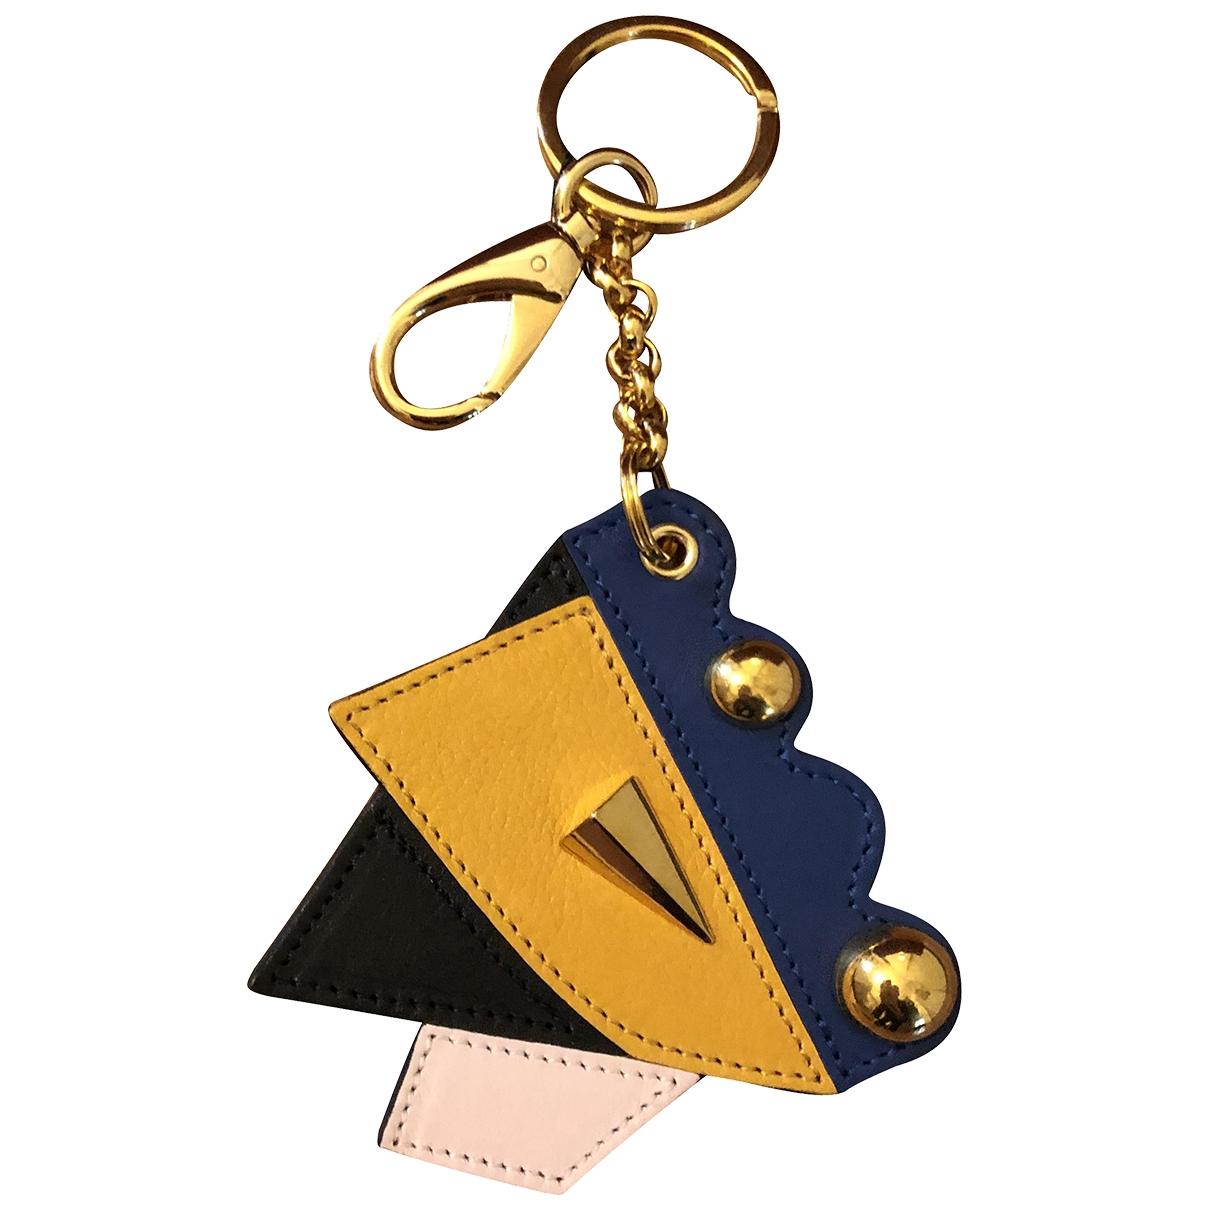 Missoni - Petite maroquinerie   pour femme en cuir - multicolore